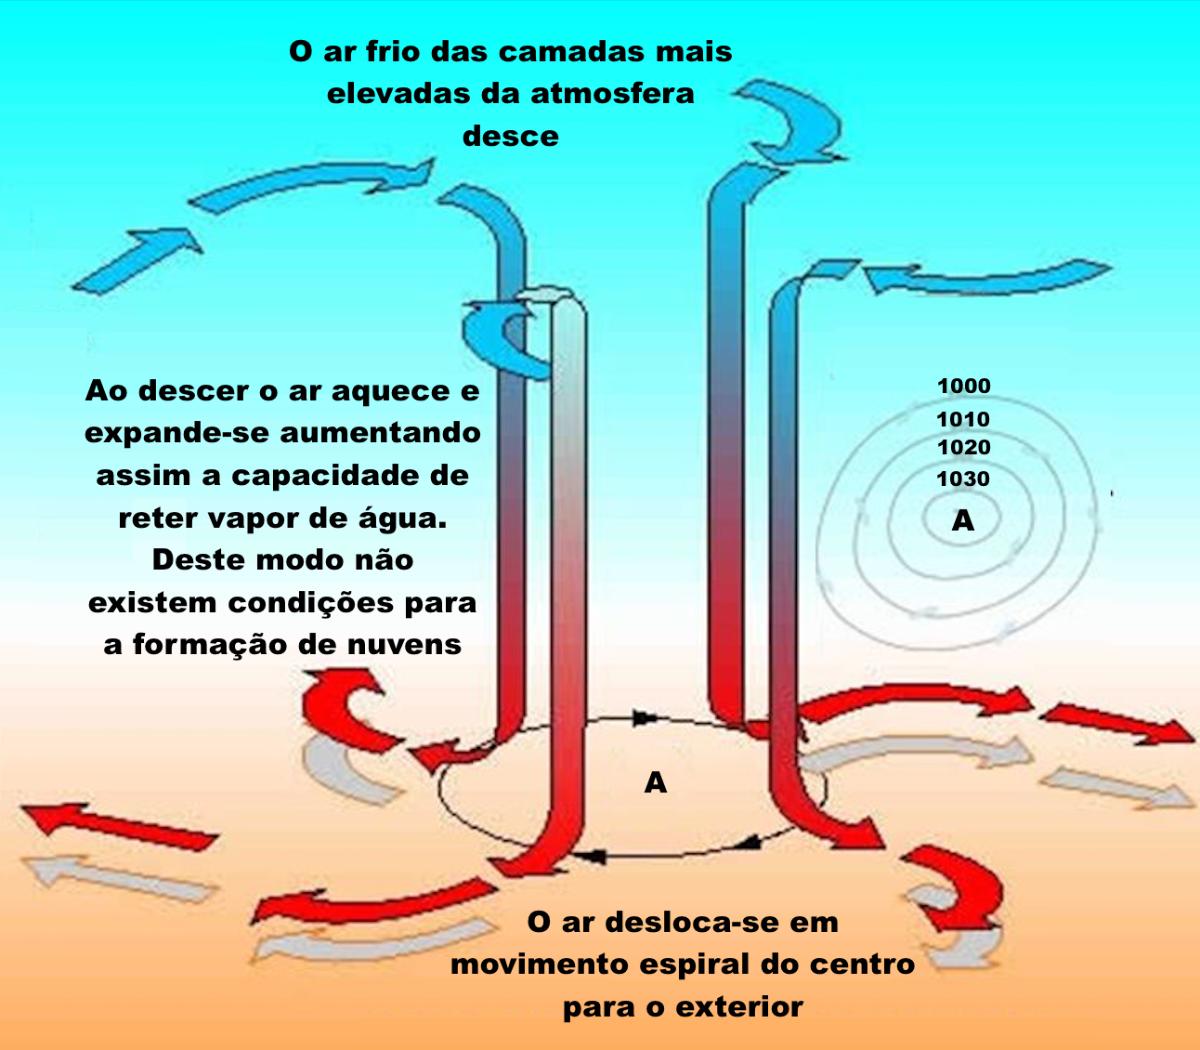 Circulação do ar nos centros de baixa pressão atmosférica.